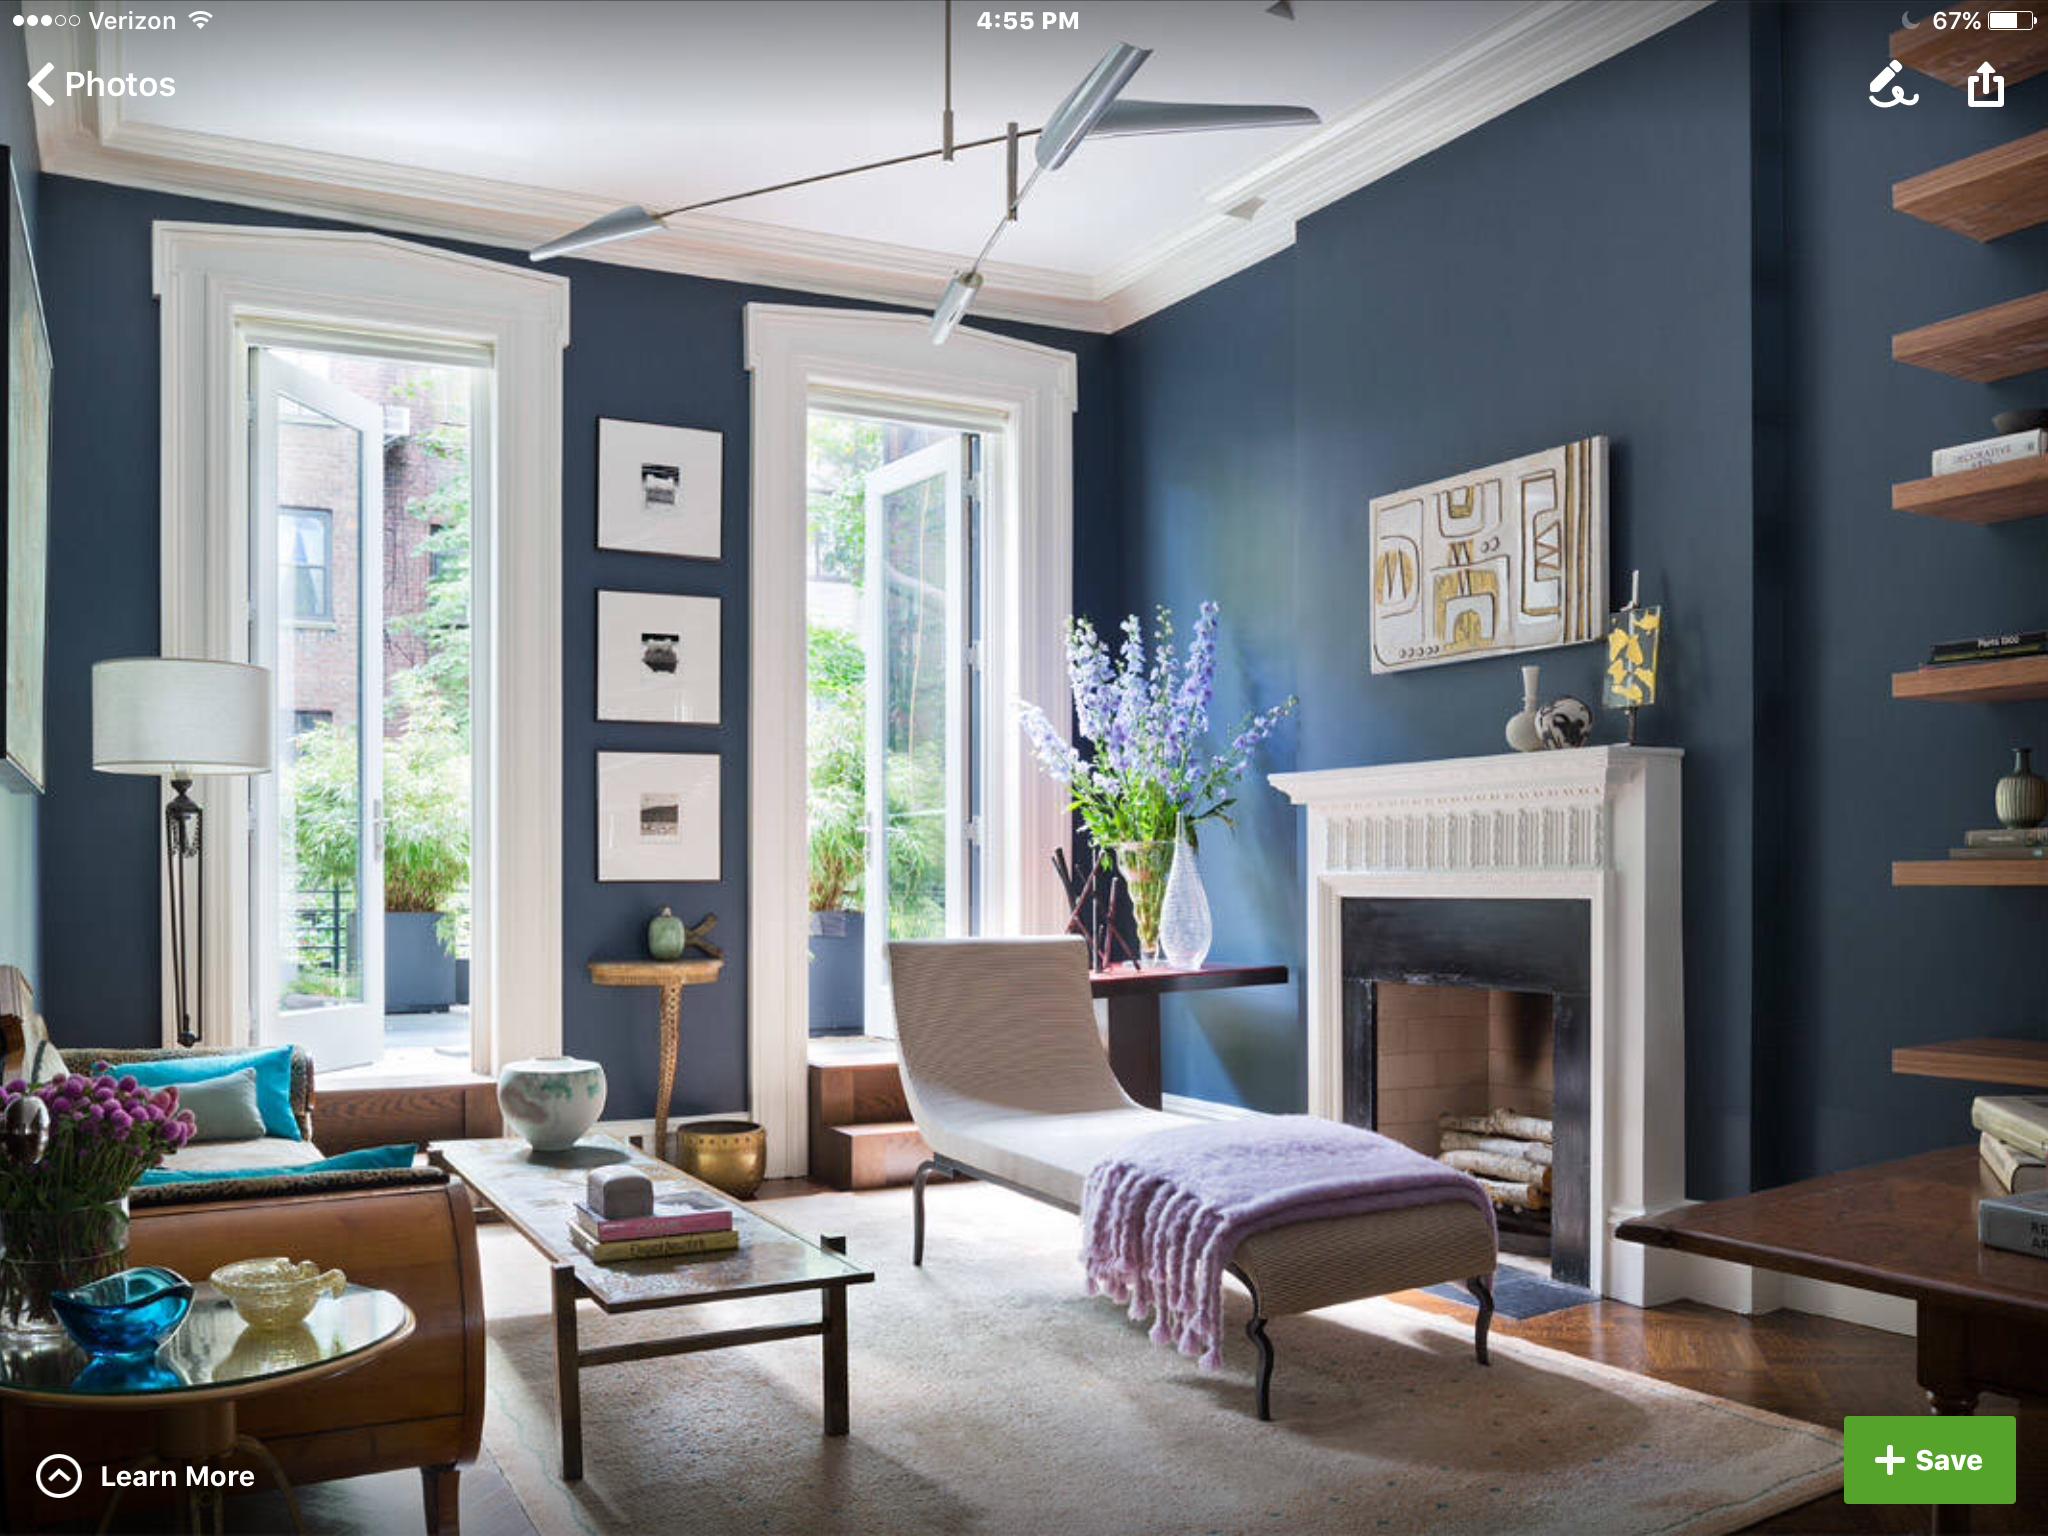 Pin von Heather Martin auf Living Room Pics | Pinterest